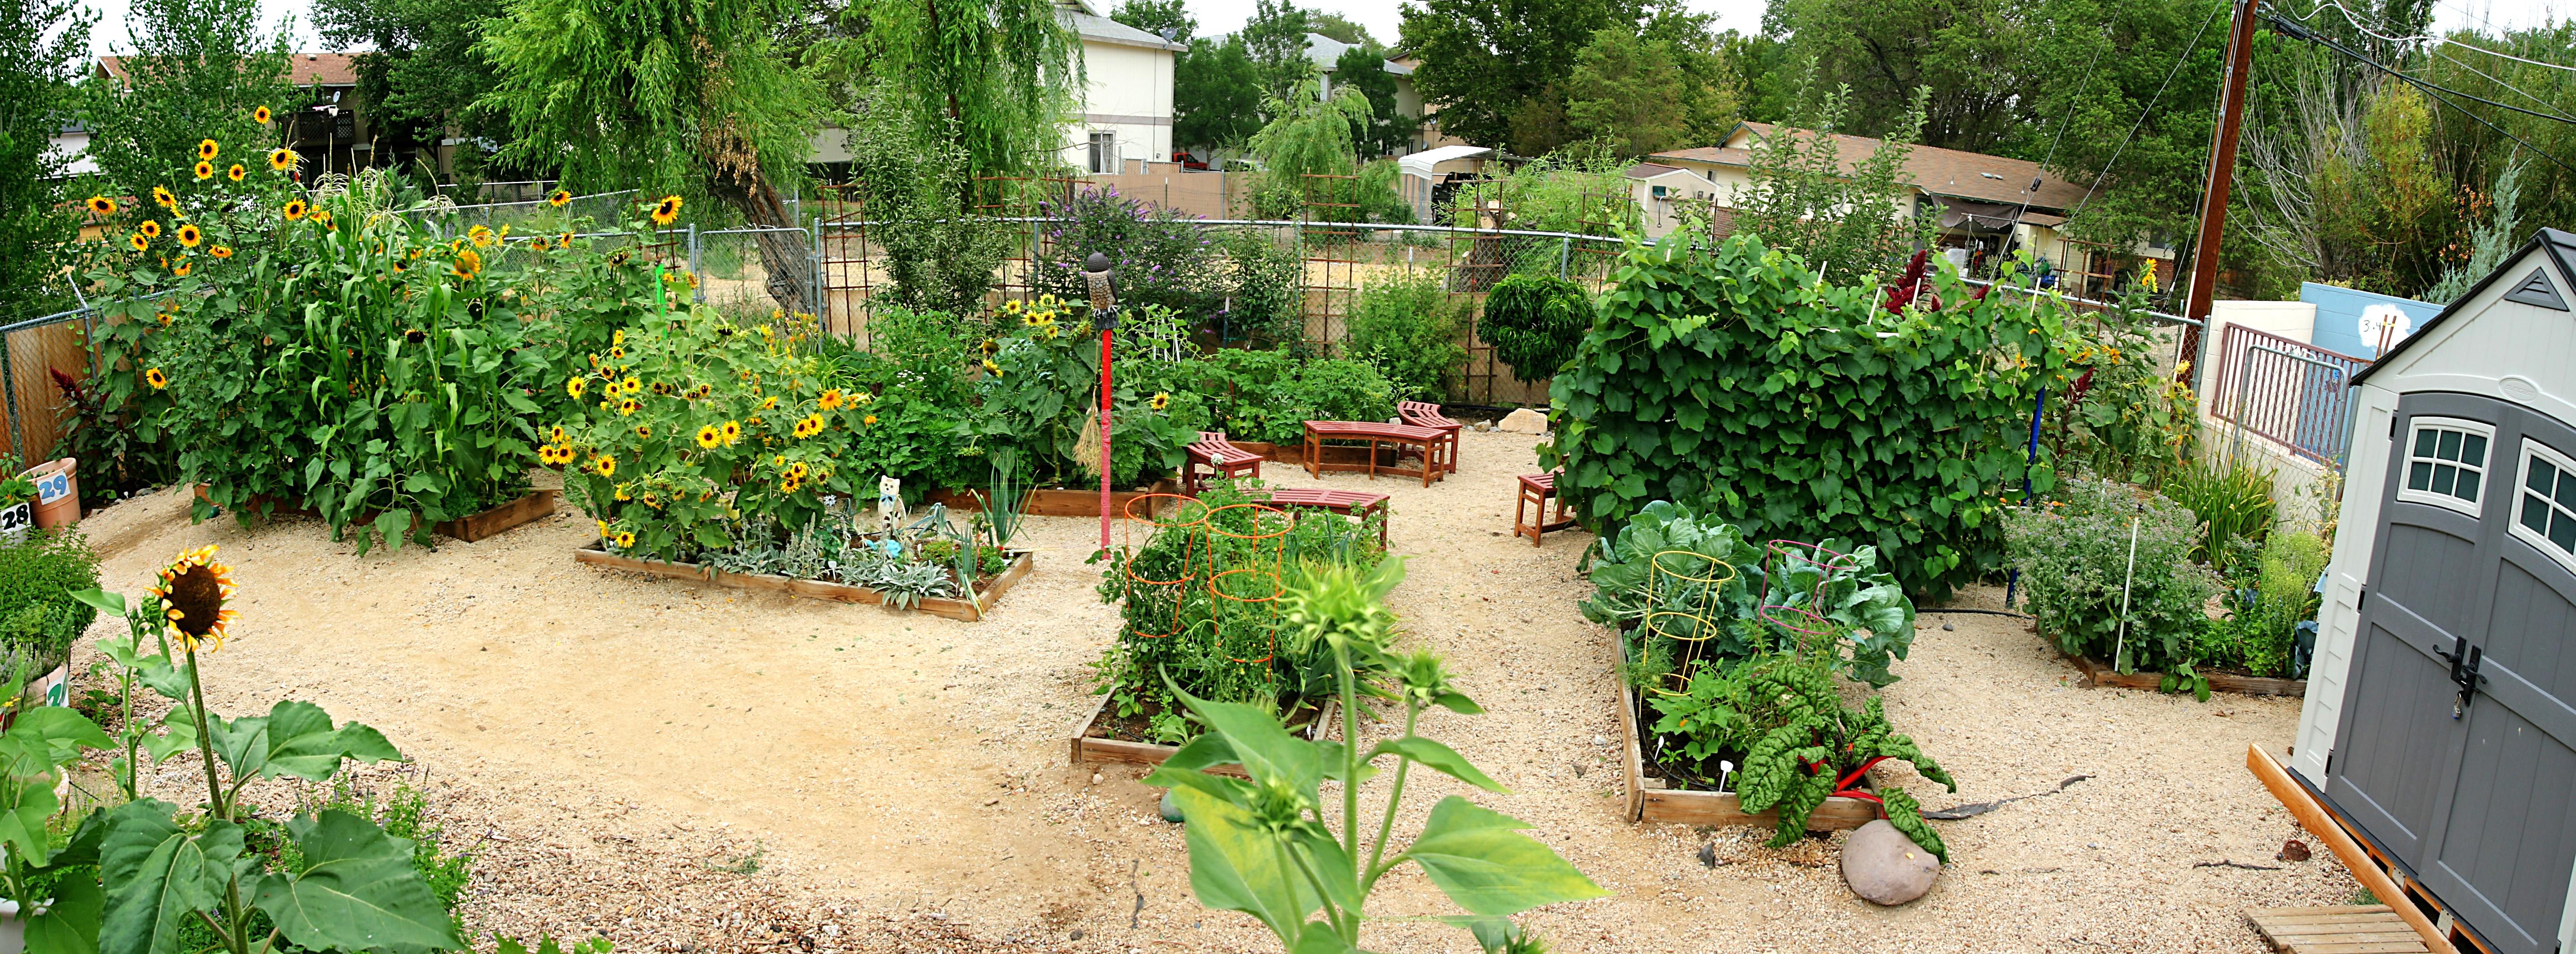 Growing Great Gardeners through Successful School Gardens